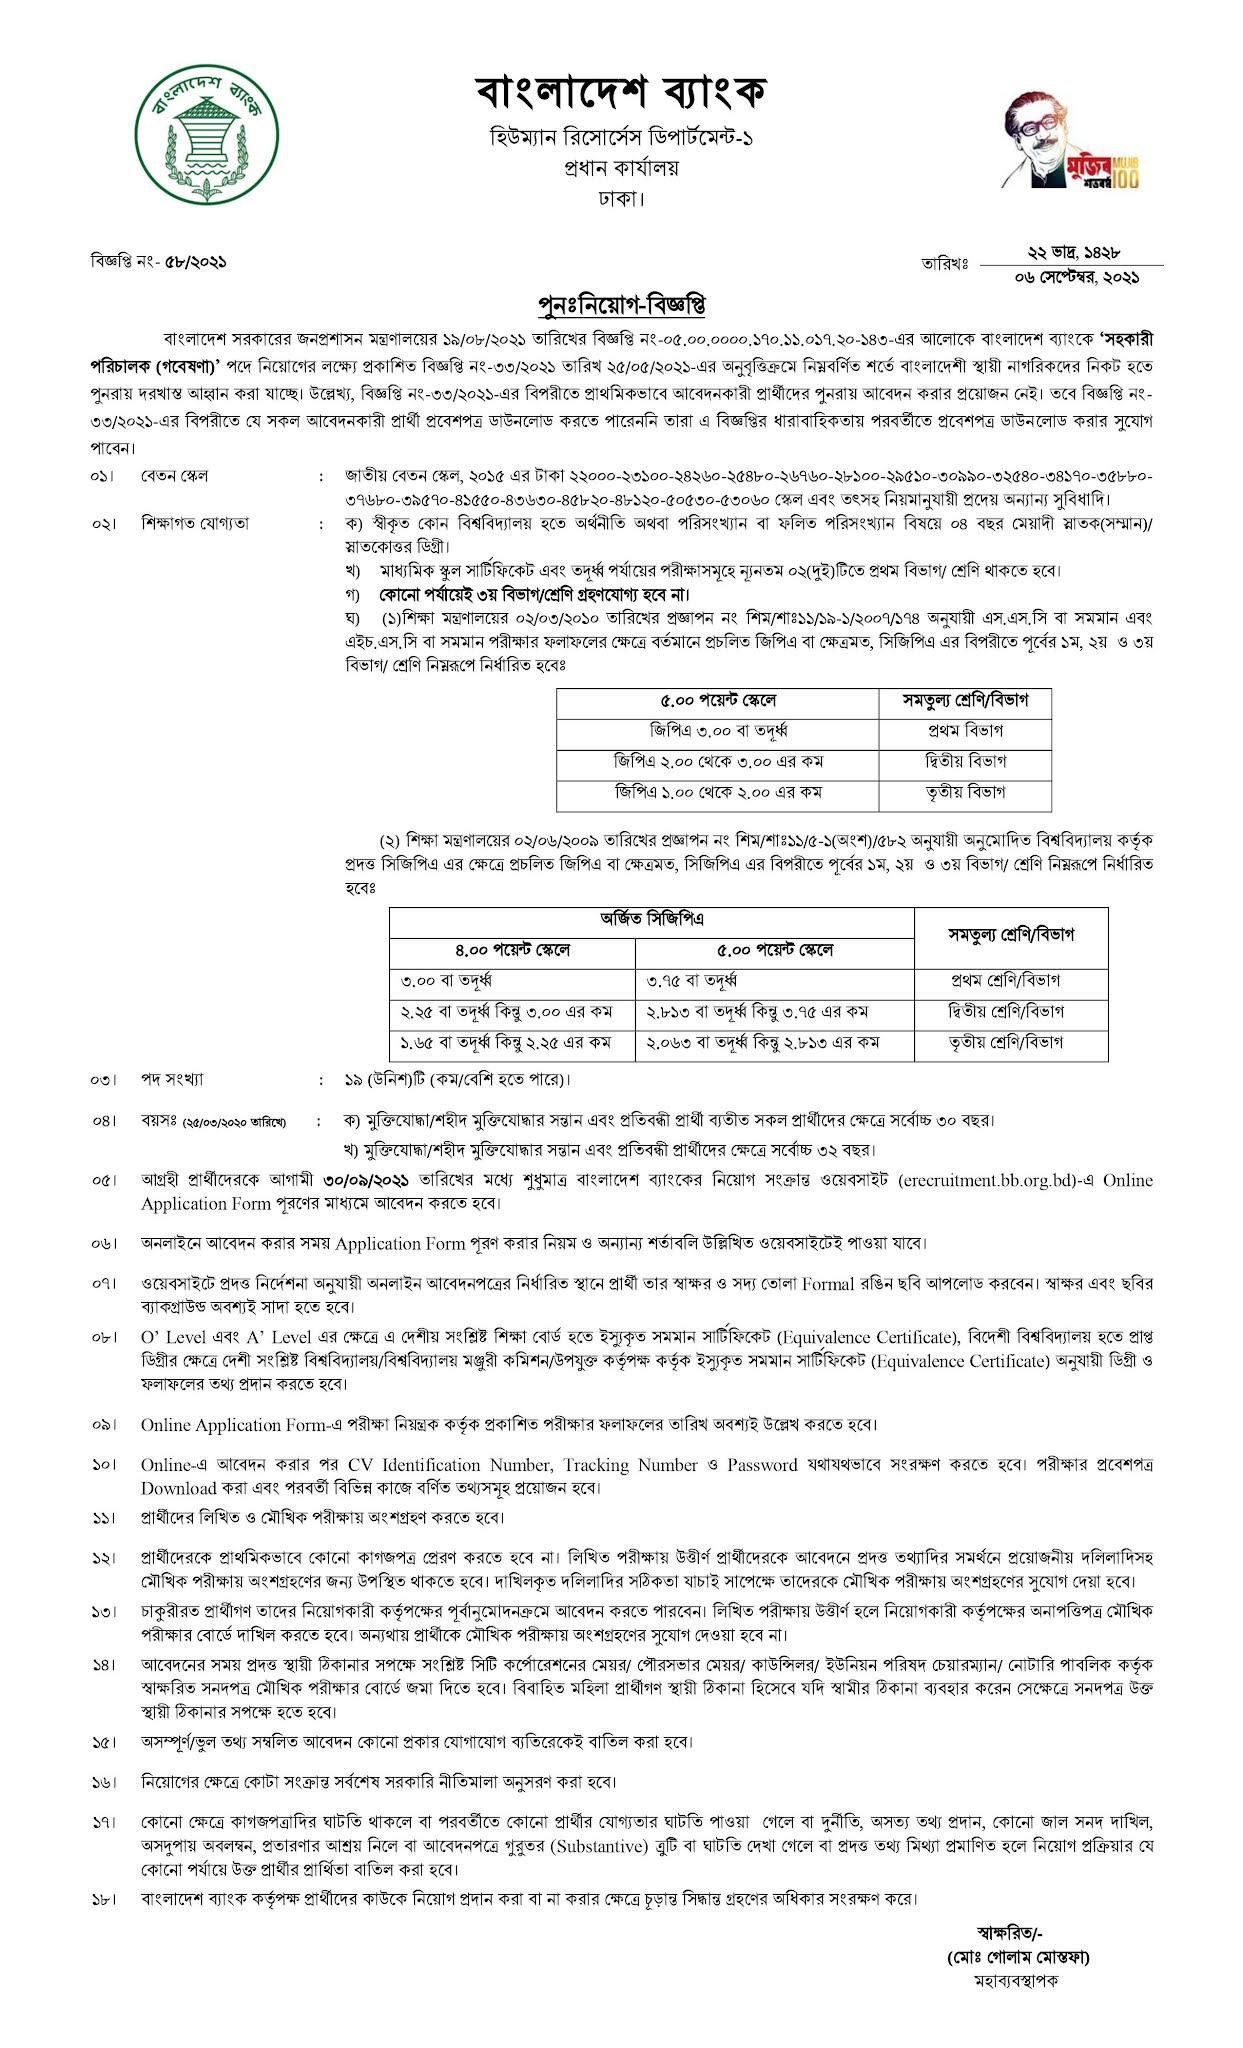 বাংলাদেশ ব্যাংক নিয়োগ বিজ্ঞপ্তি  - Bangladesh Bank Job Circular - বাংলাদেশ ব্যাংক নিয়োগ বিজ্ঞপ্তি 2021  - Bangladesh Bank Job Circular - 2021 - বাংলাদেশ ব্যাংক নিয়োগ বিজ্ঞপ্তি ২০২২- Bangladesh Bank Job Circular 2022 - সরকারি চাকরির খবর ২০২২